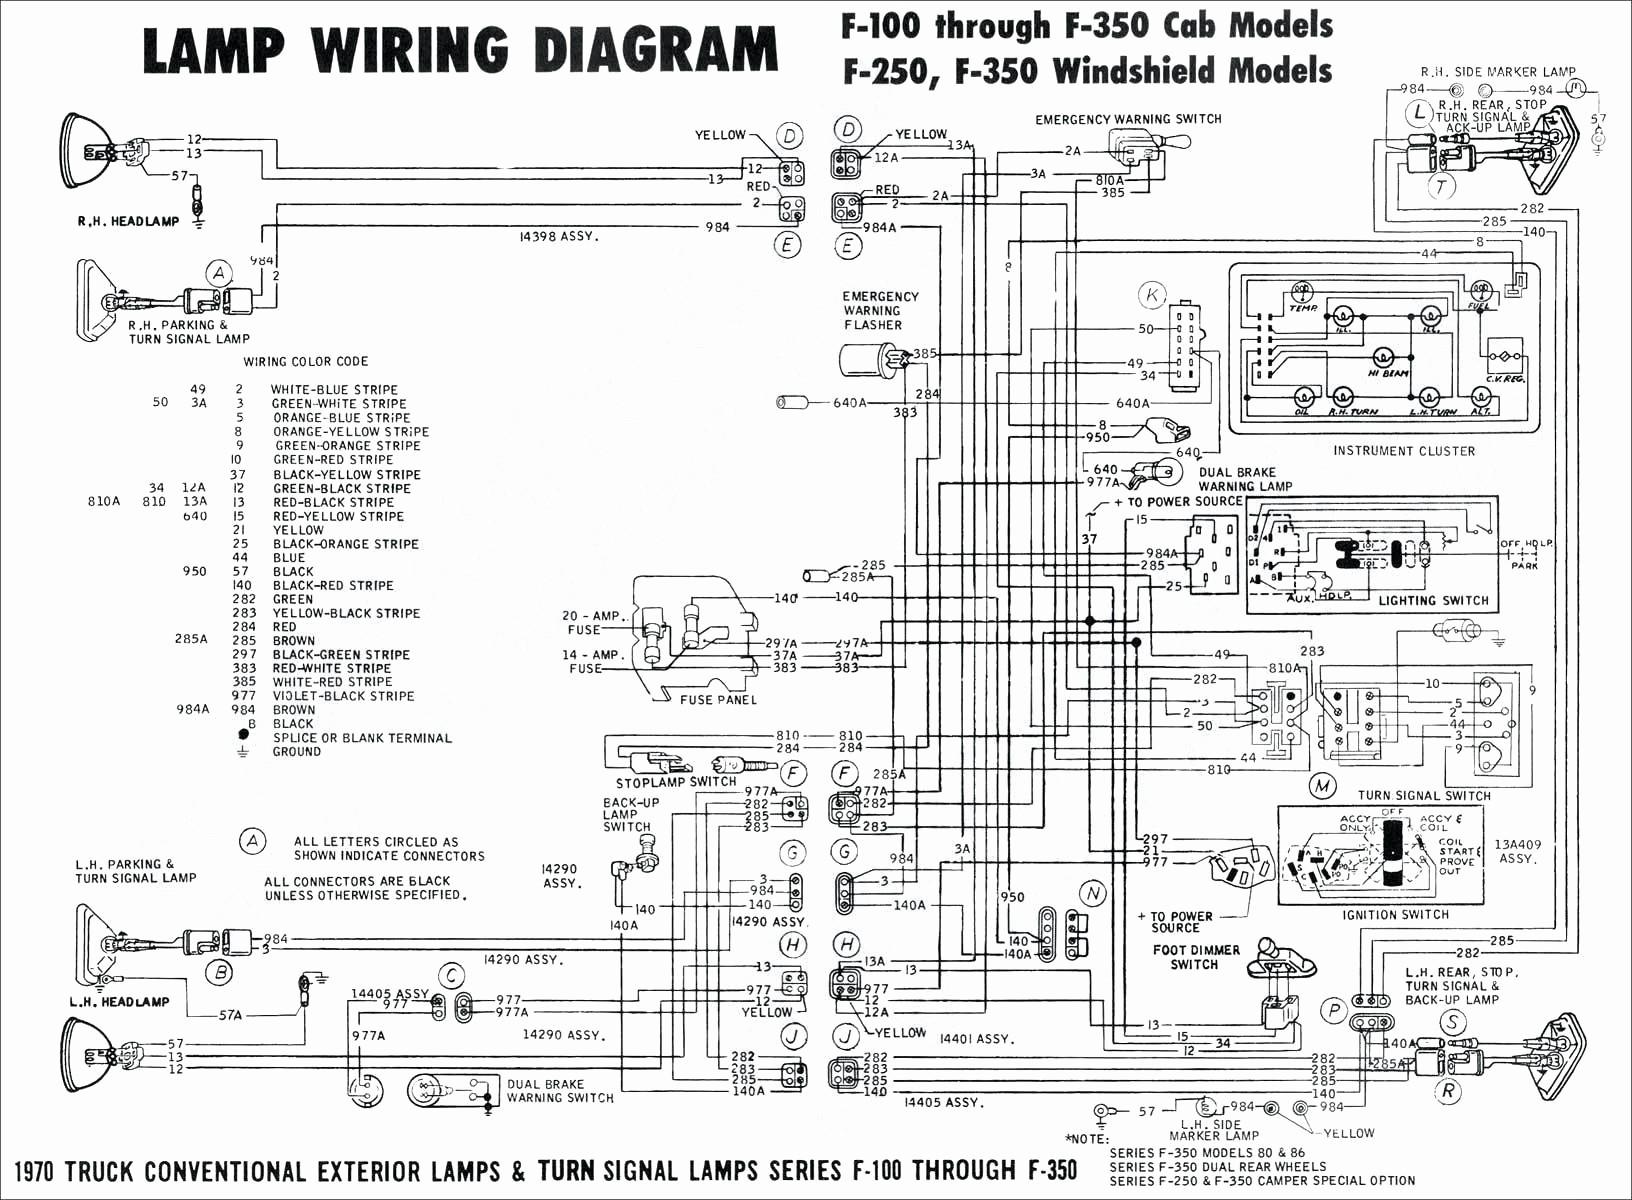 300zx engine diagram